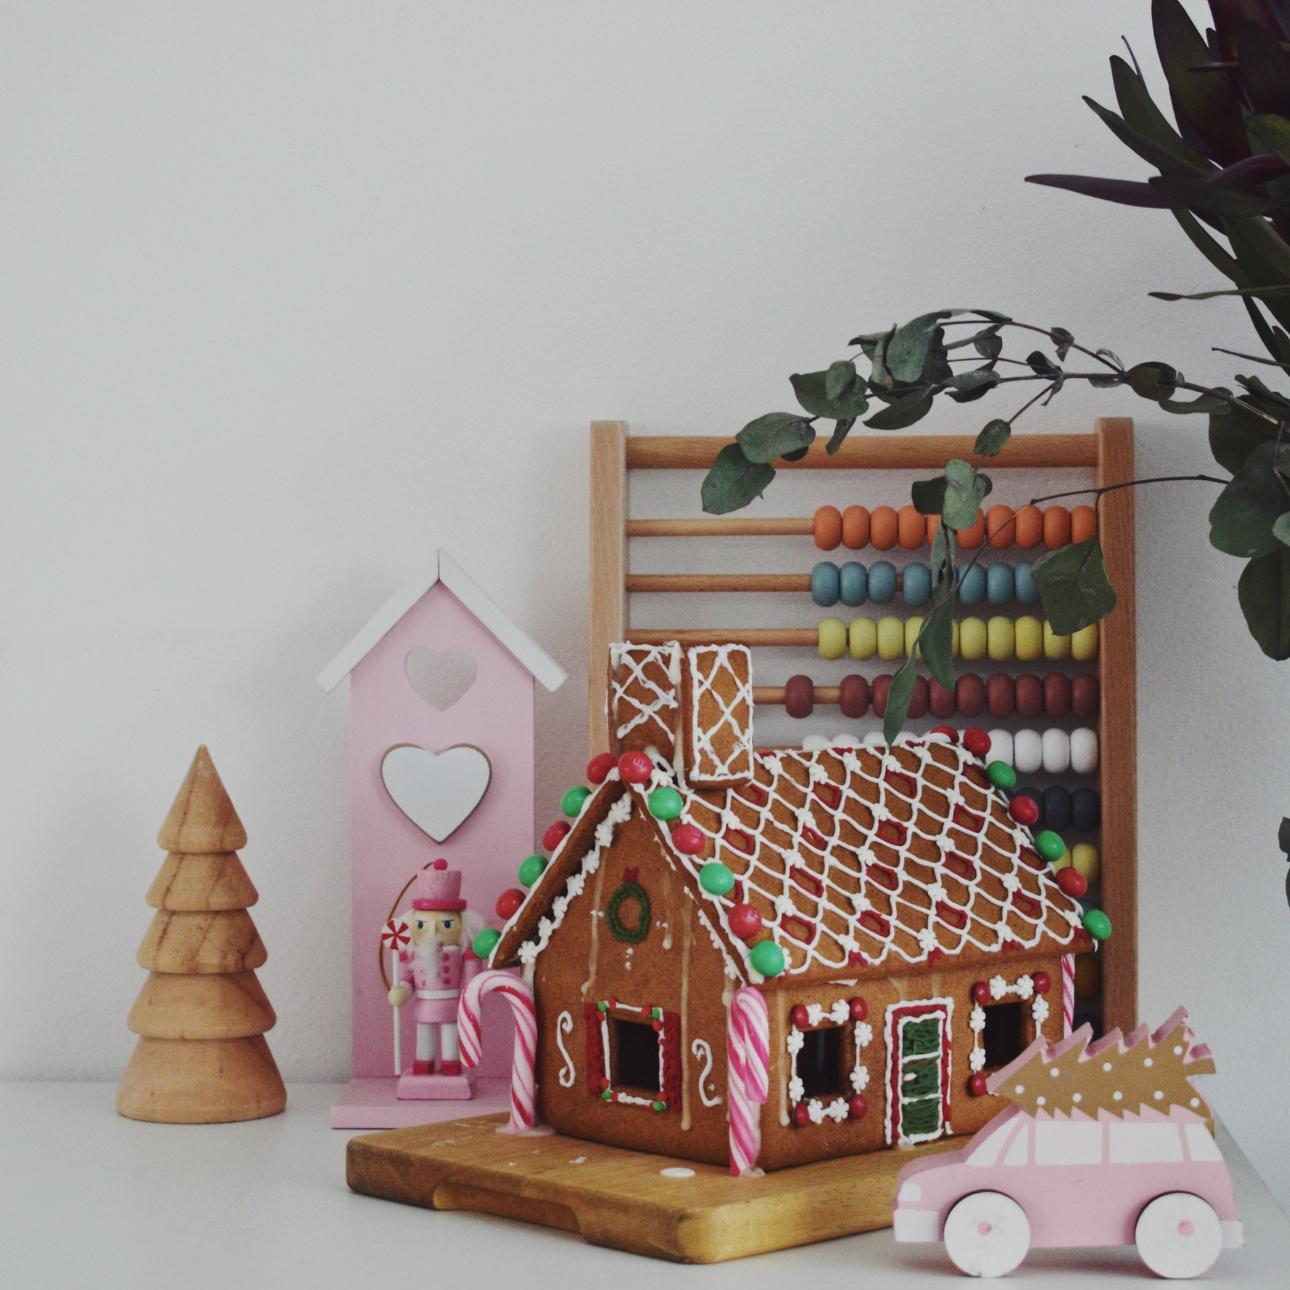 kersthuis 2018 snoephuis roze